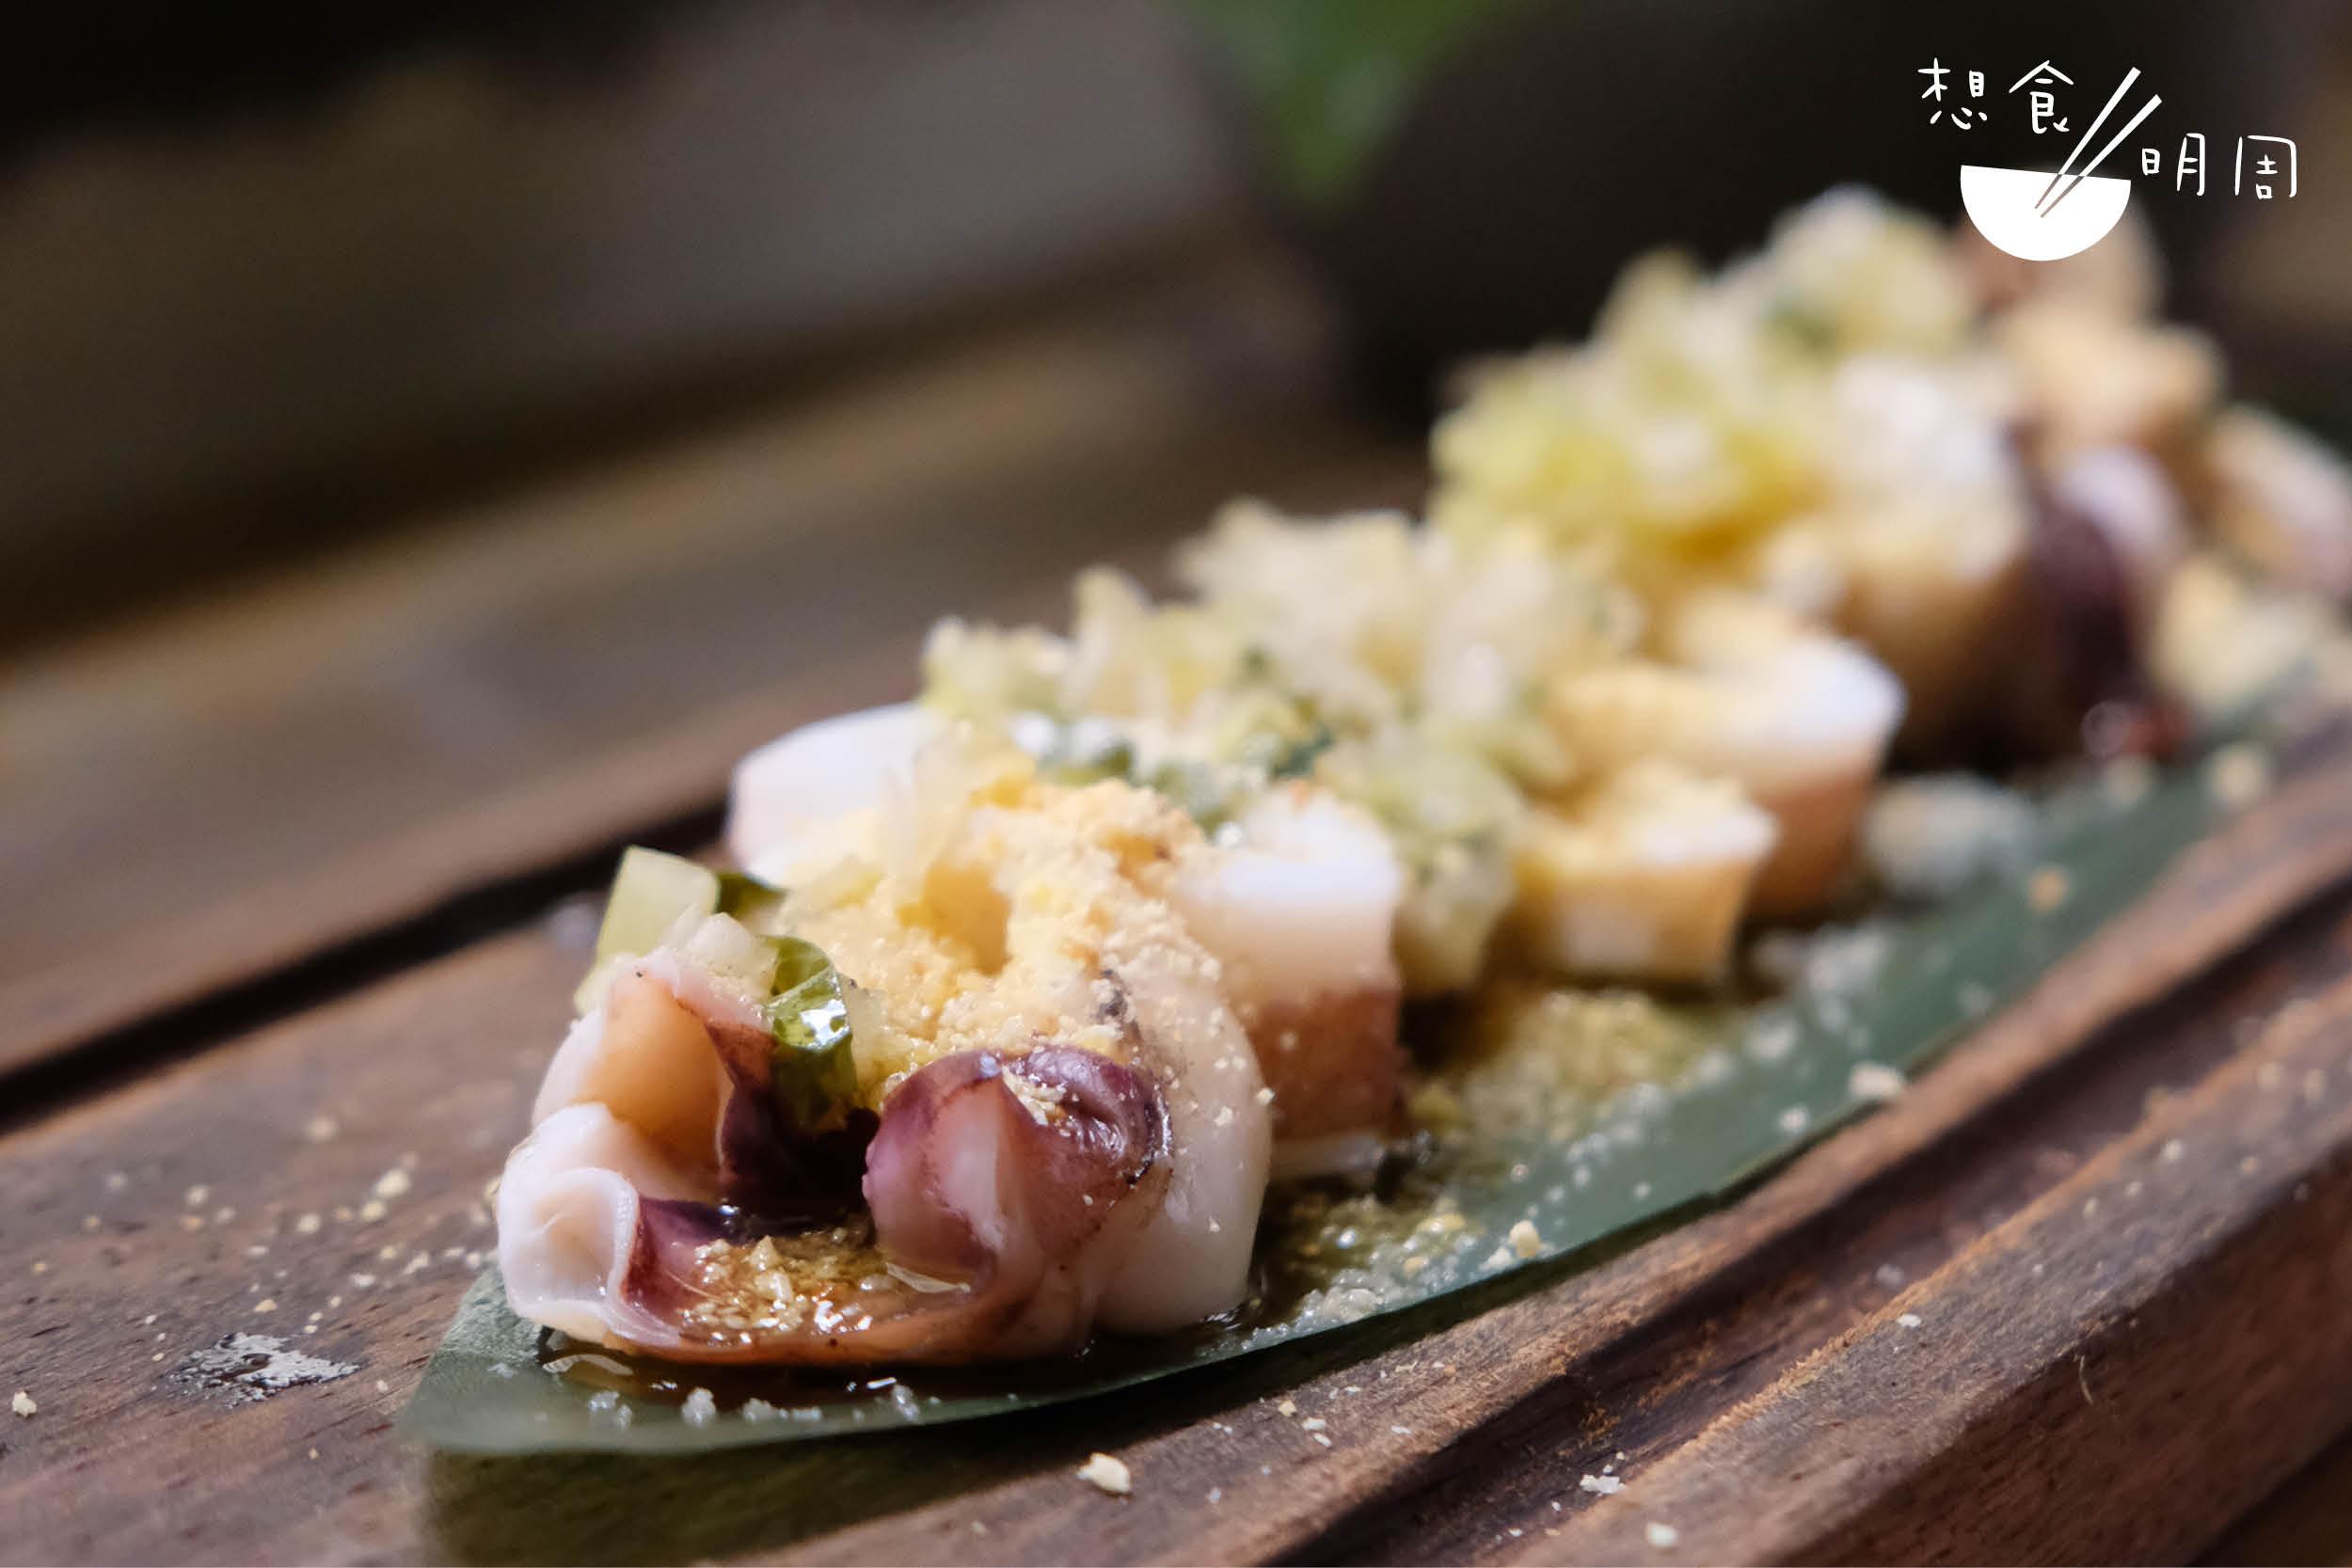 青莎莎醬烤魷魚 // 魷魚烤得剛好,配青莎莎醬好開胃。面層同樣灑上了烤木薯粉增添口感。